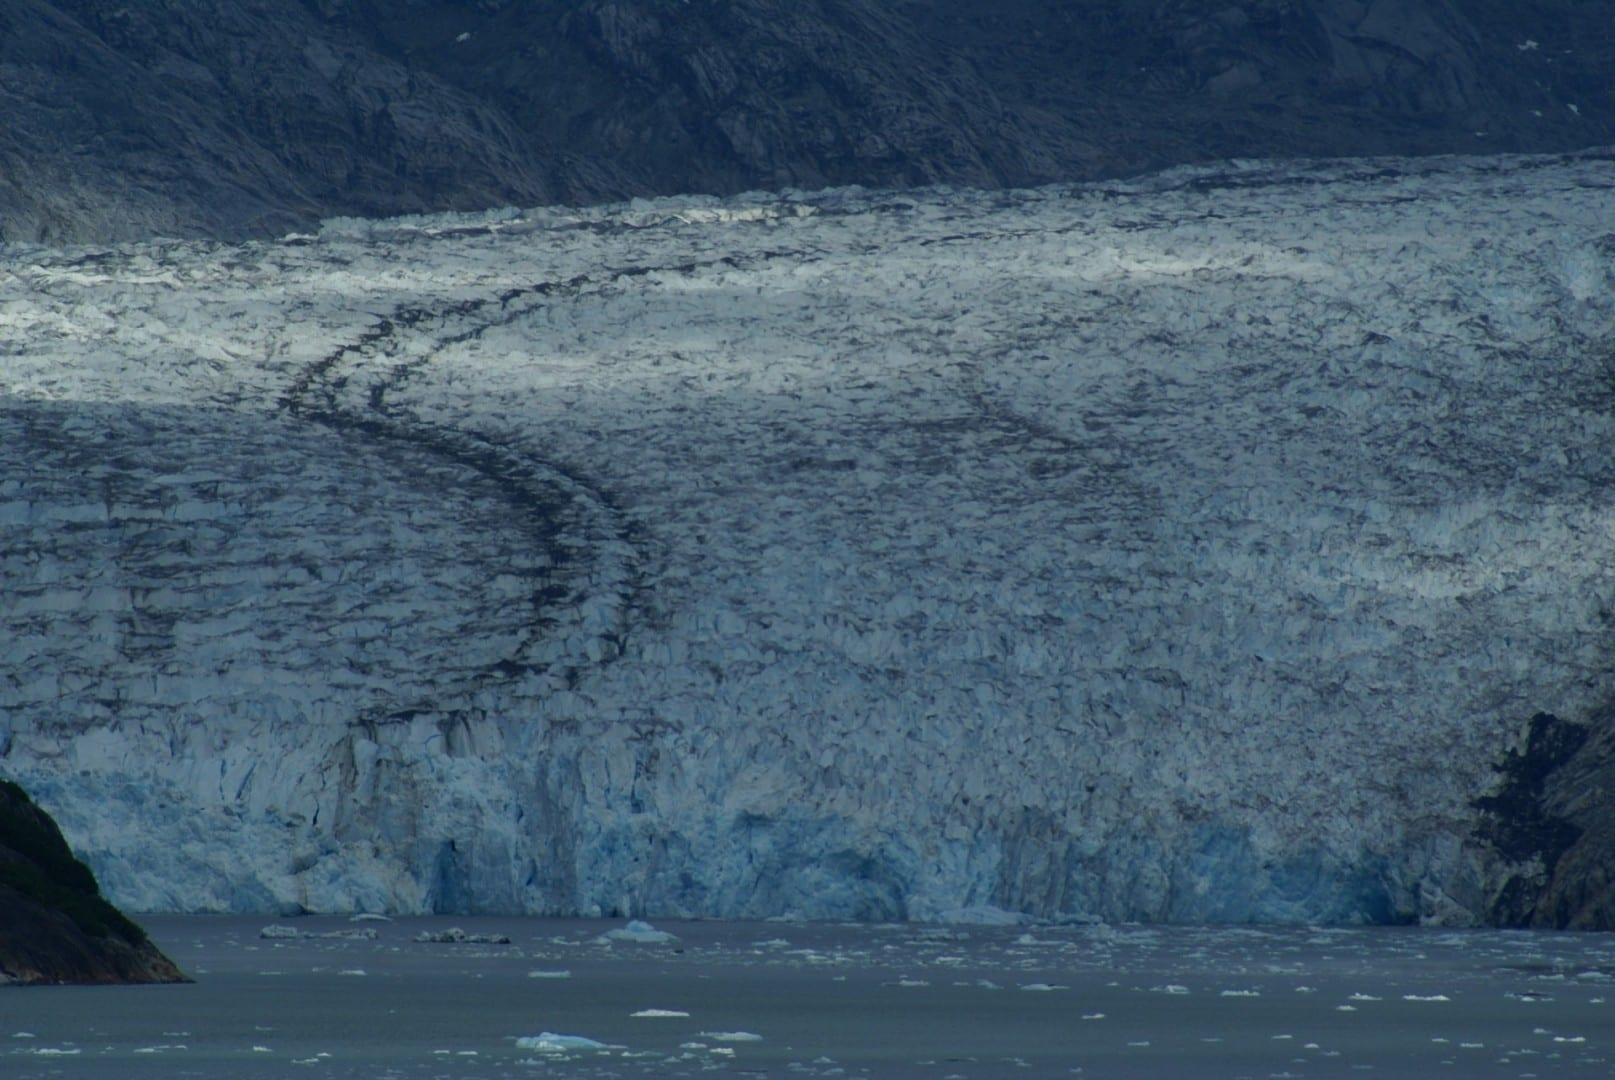 El glaciar Dawes a la cabeza del Endicott Arm, 2010 Juneau (Alaska) Estados Unidos